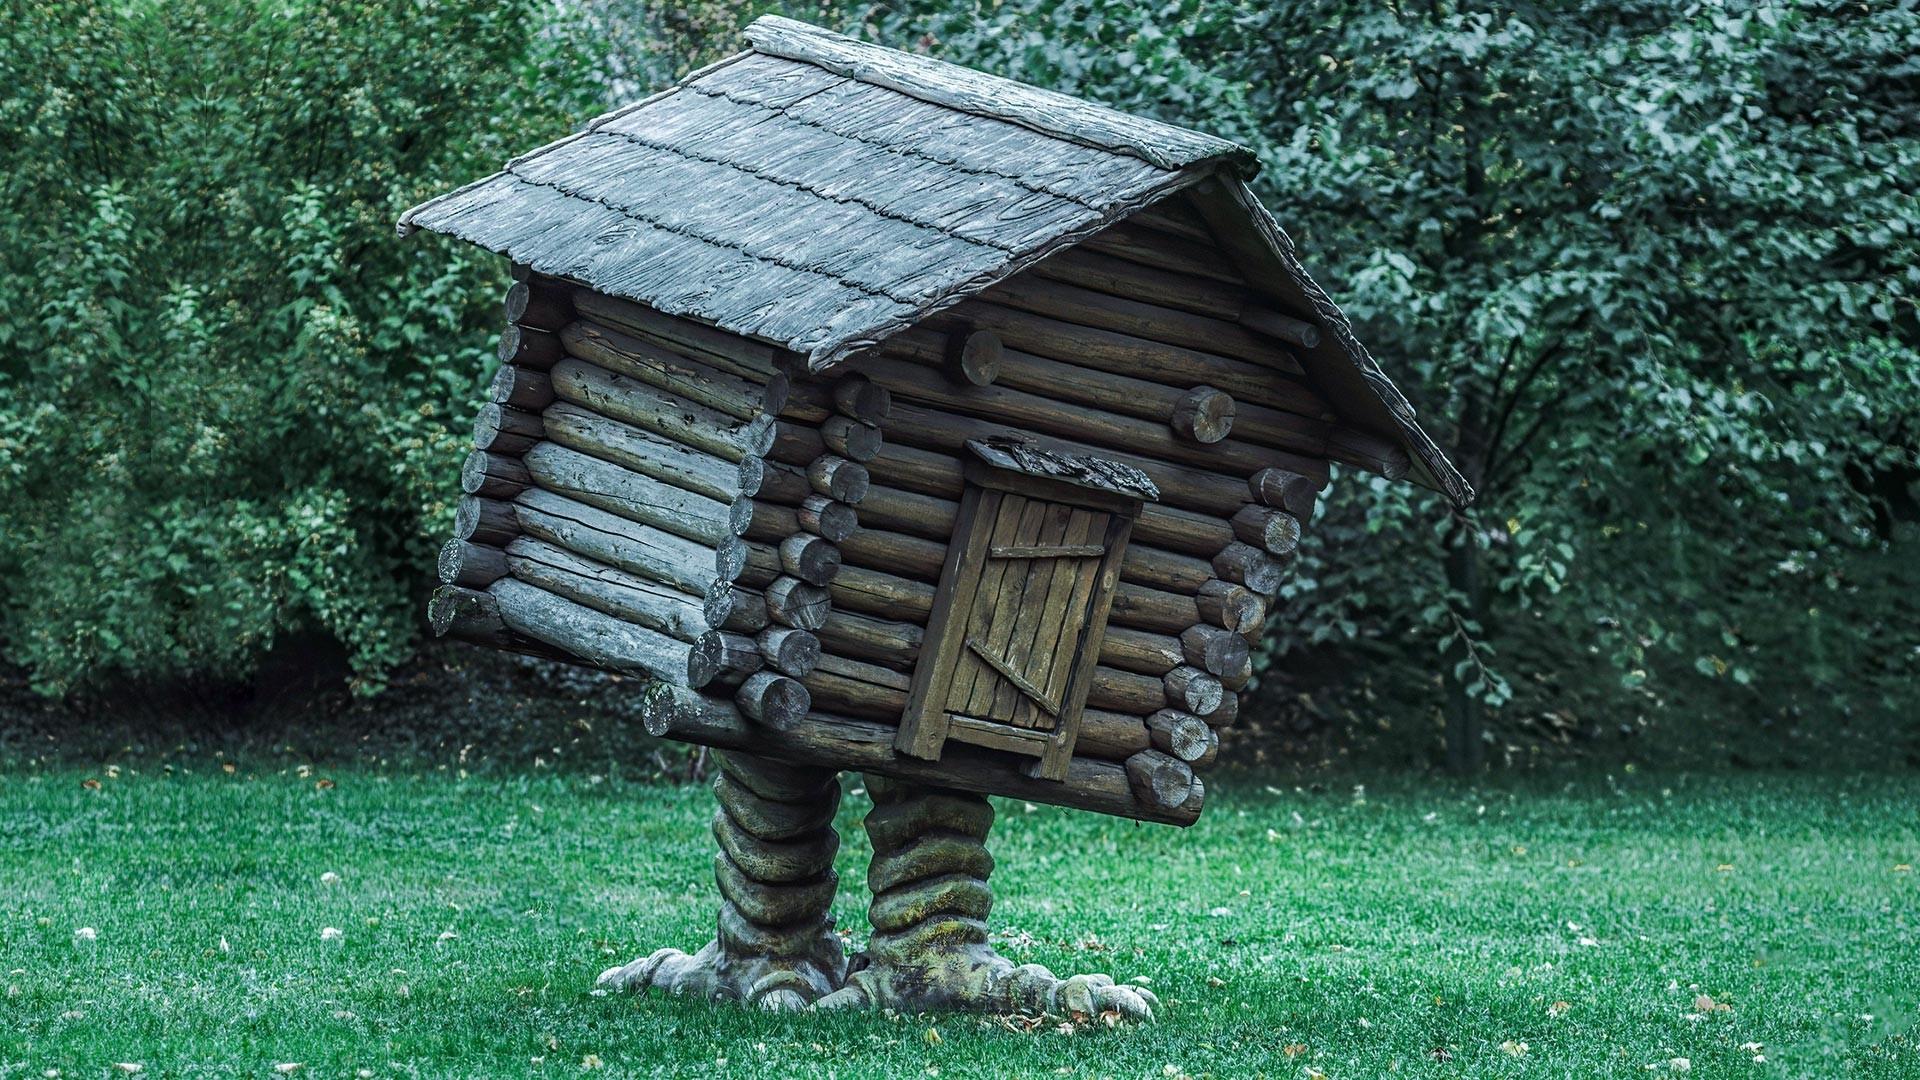 ロシアの民話によると、ヤガーばあさんこんな鶏の足の上に立つ小屋に住んでいた